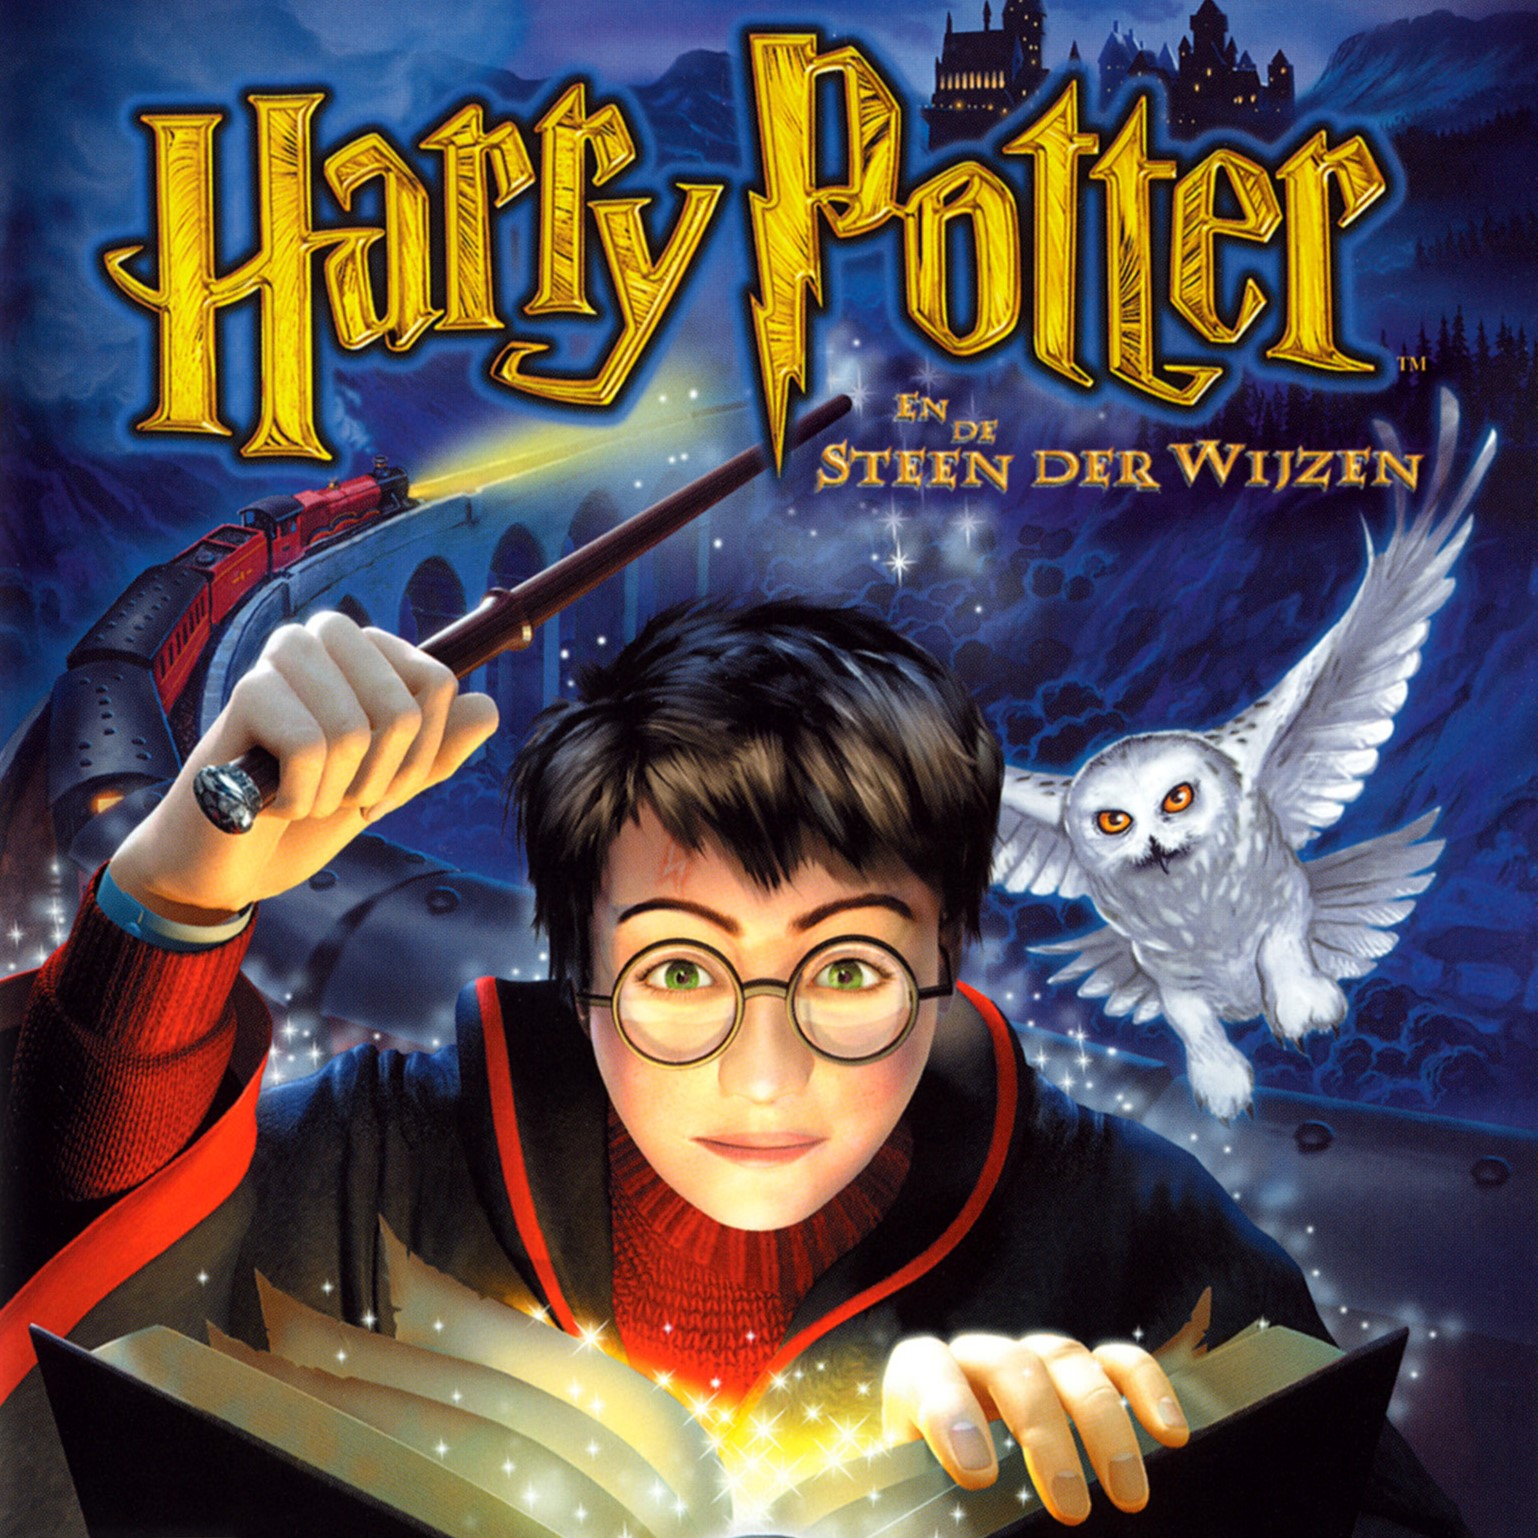 Harry Potter en de Steen der Wijzen (game)